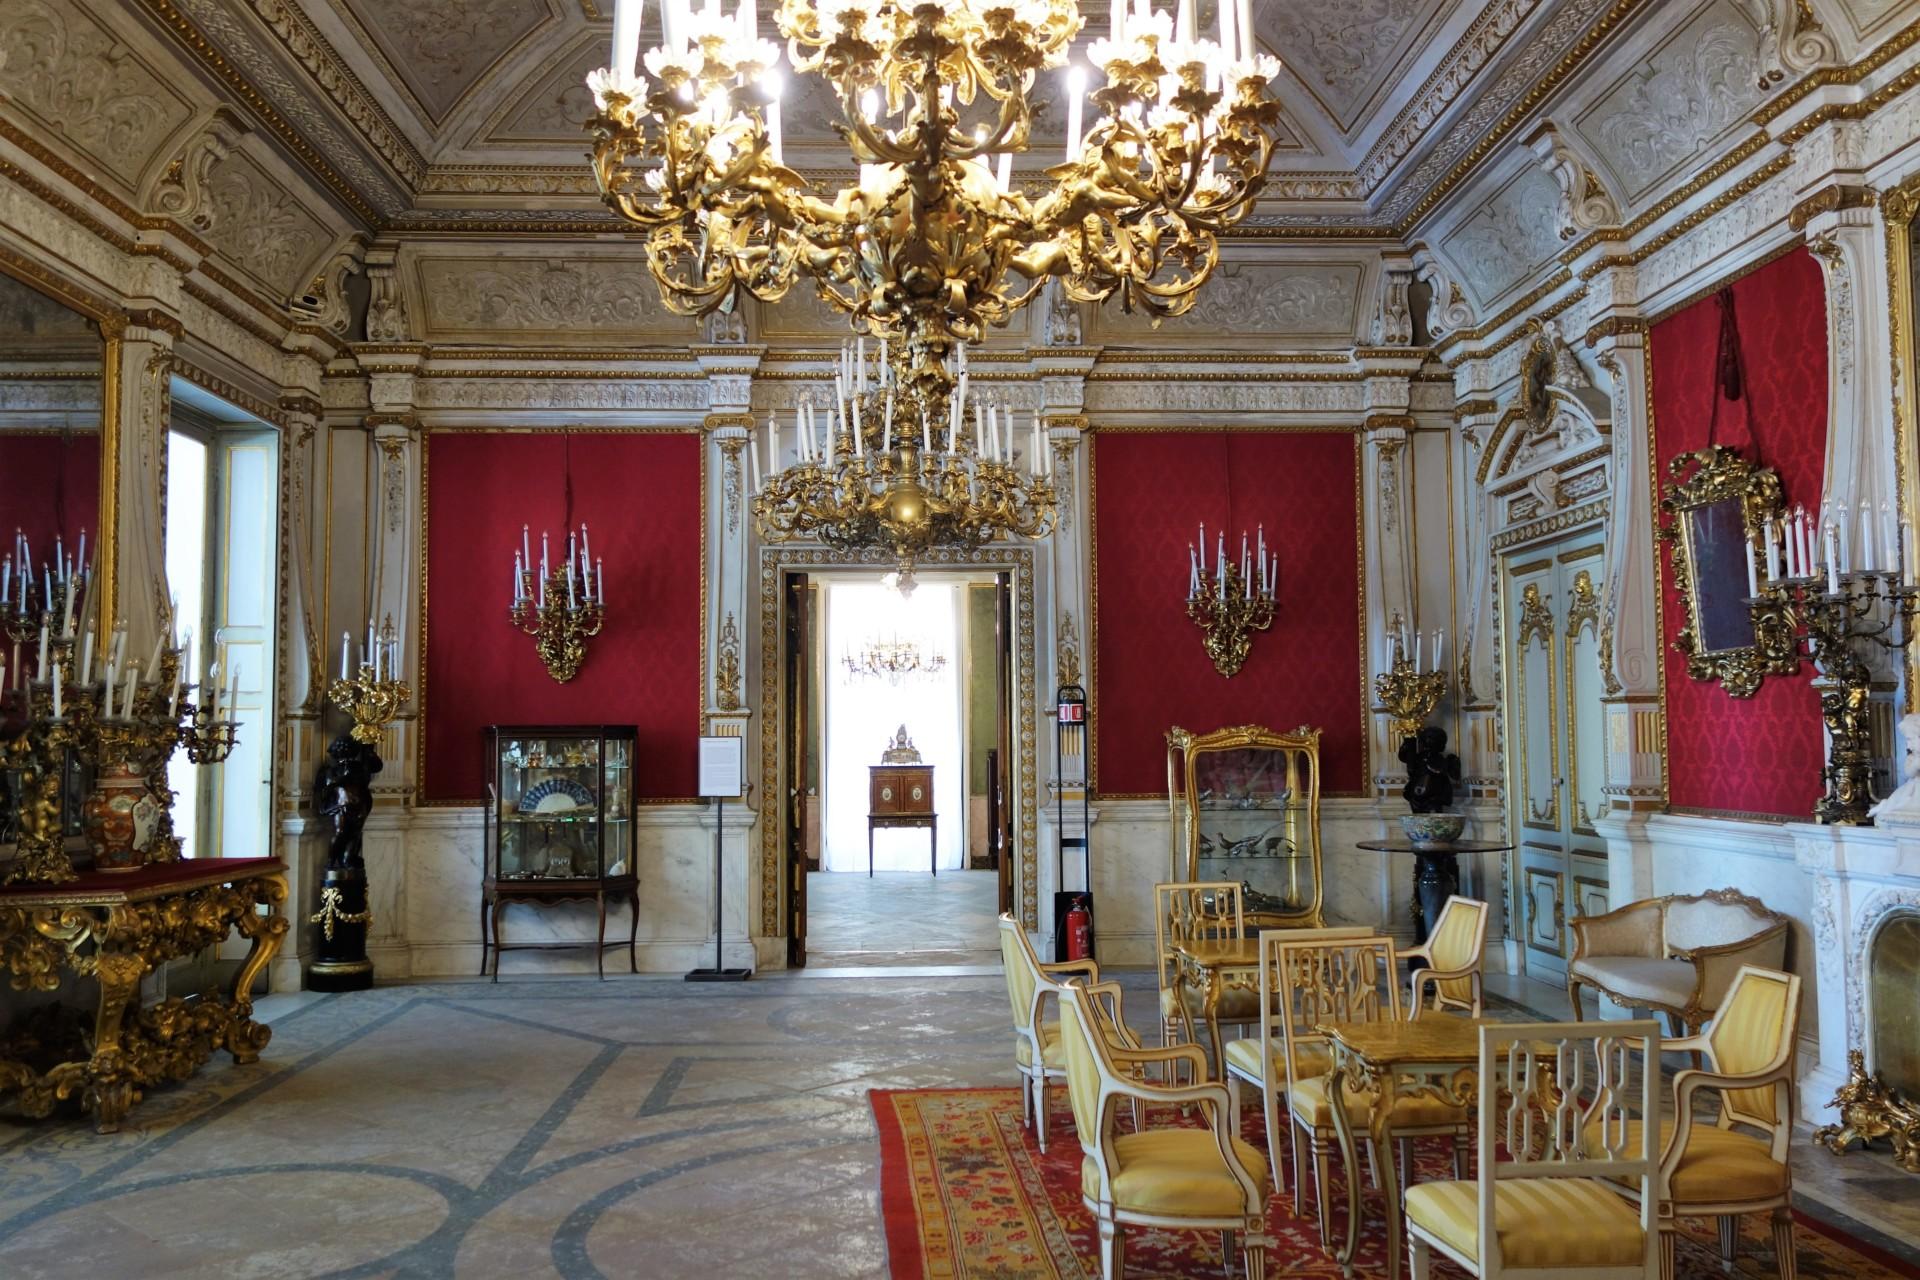 Villa Pignatelli, der rote Salon -Beginn der Bauarbeiten 1826